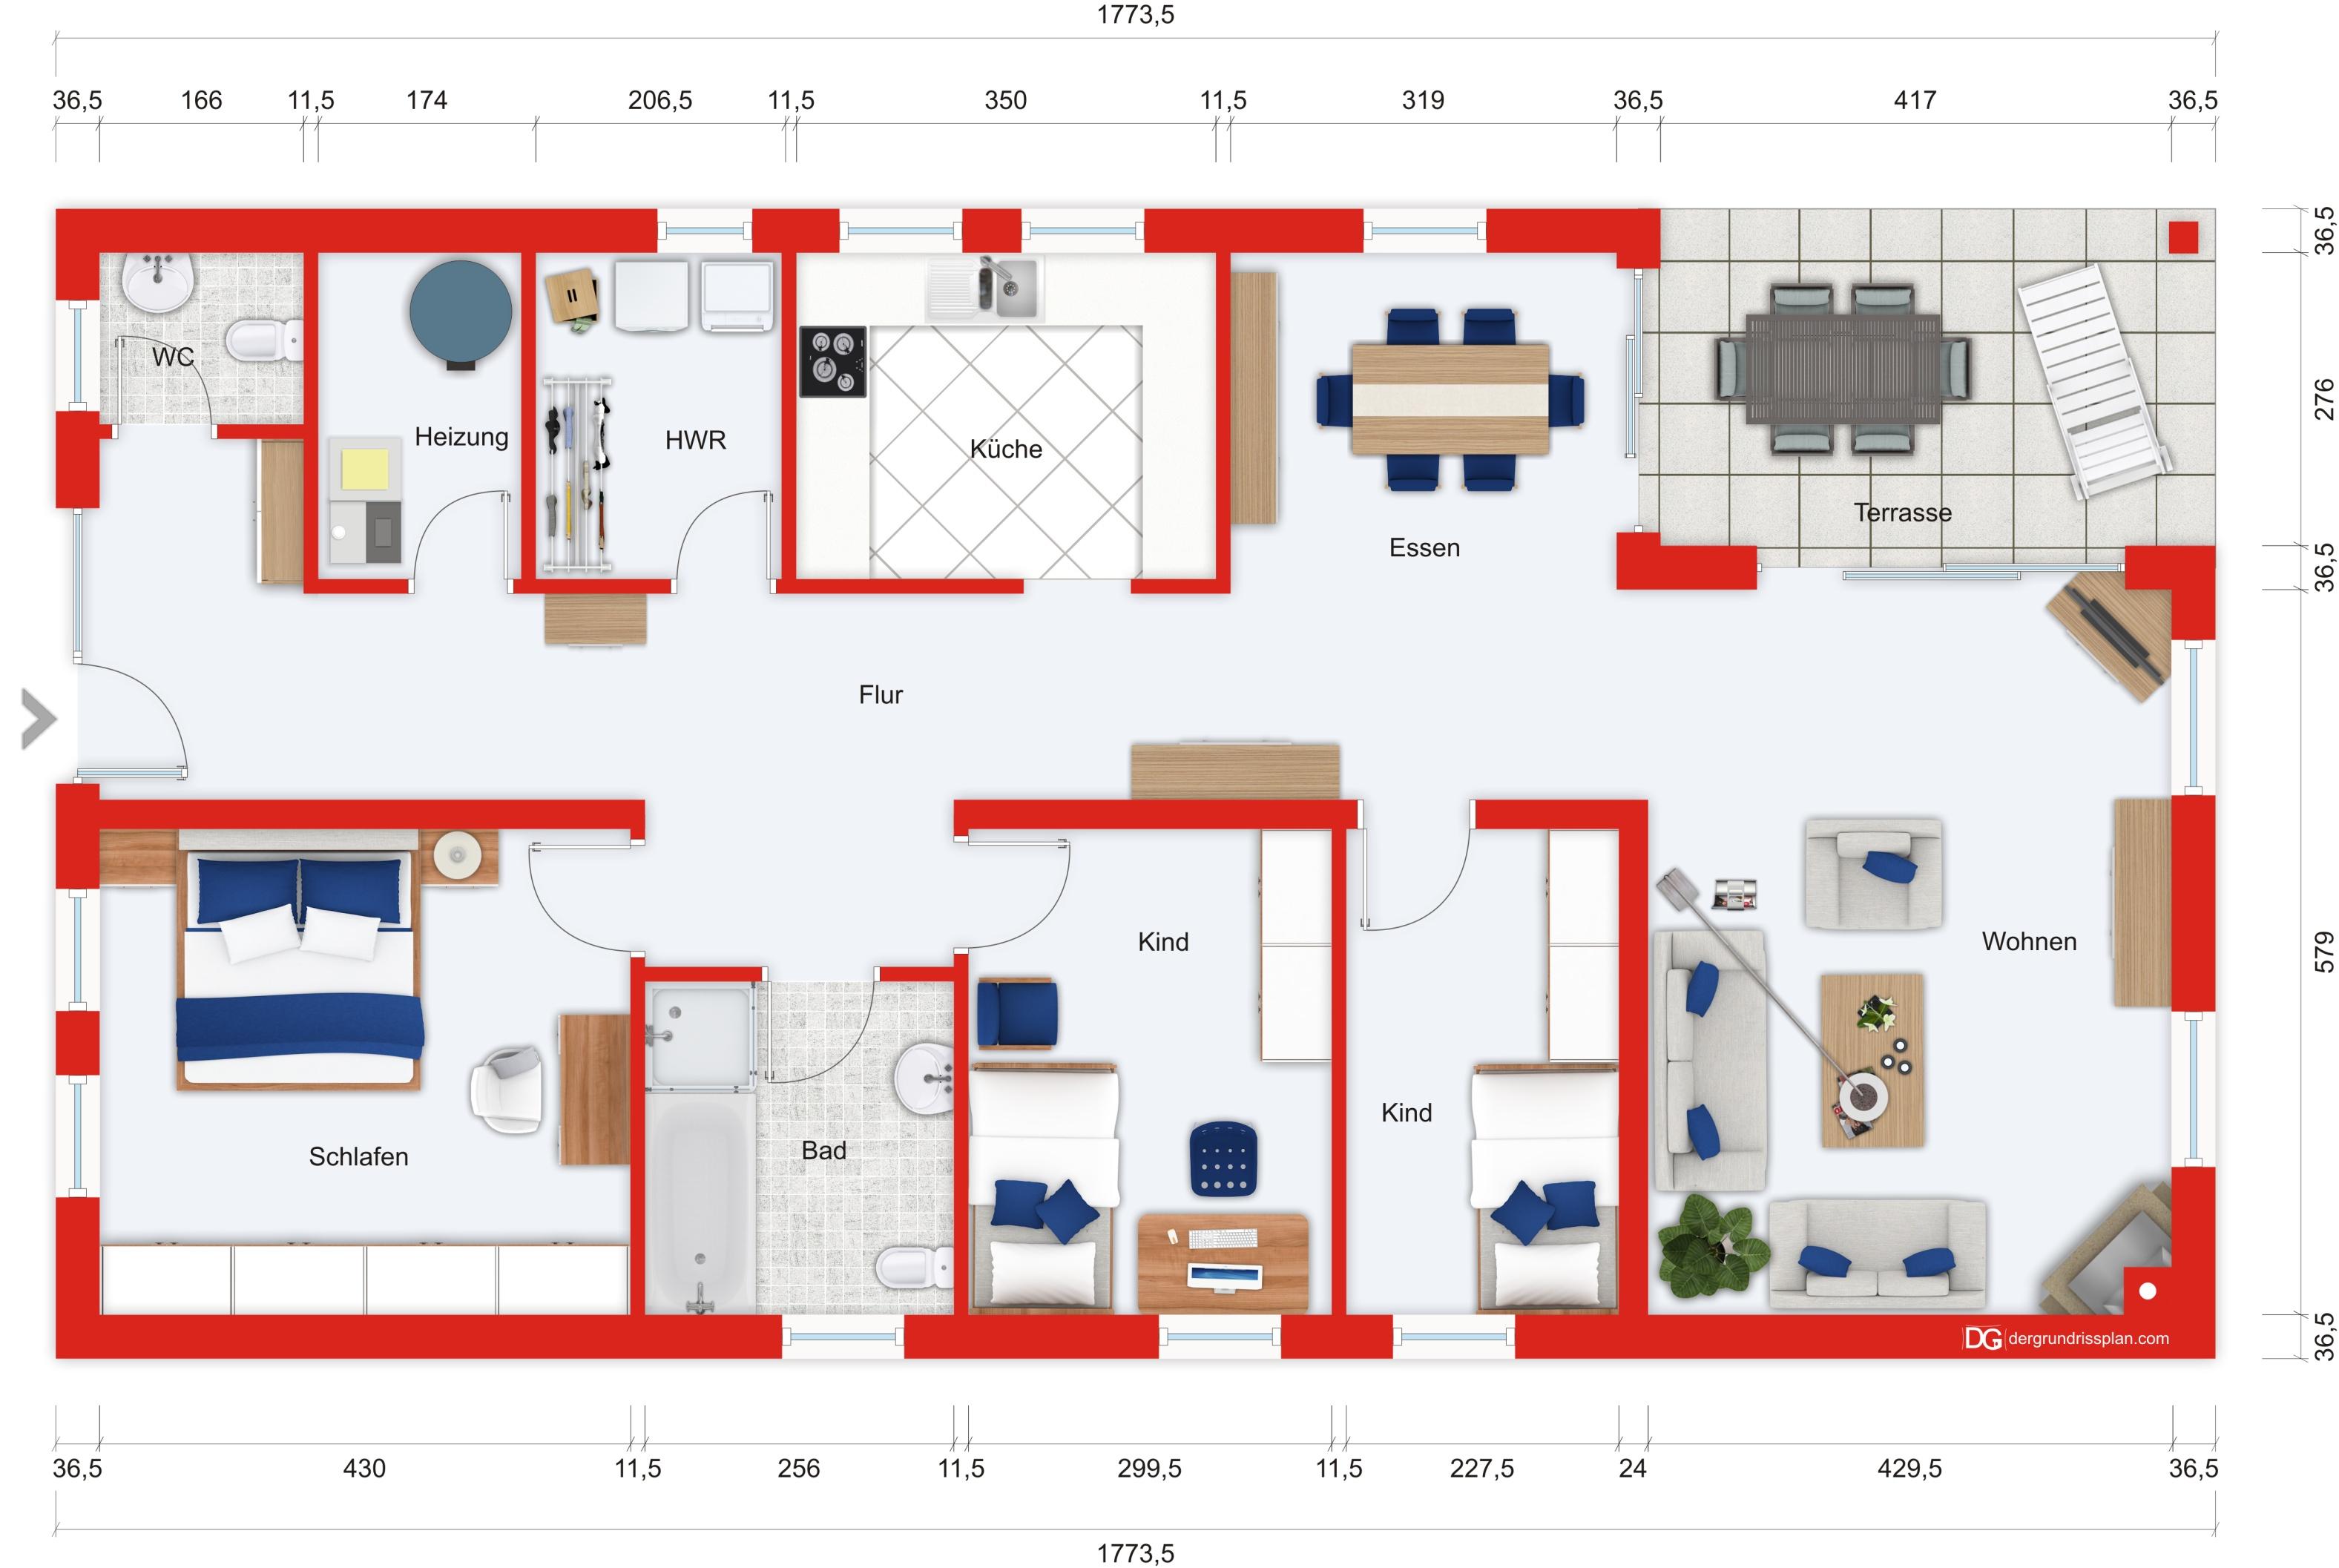 Stunning Grose Wohnzimmer Wandgestaltung Gallery - Home Design ...